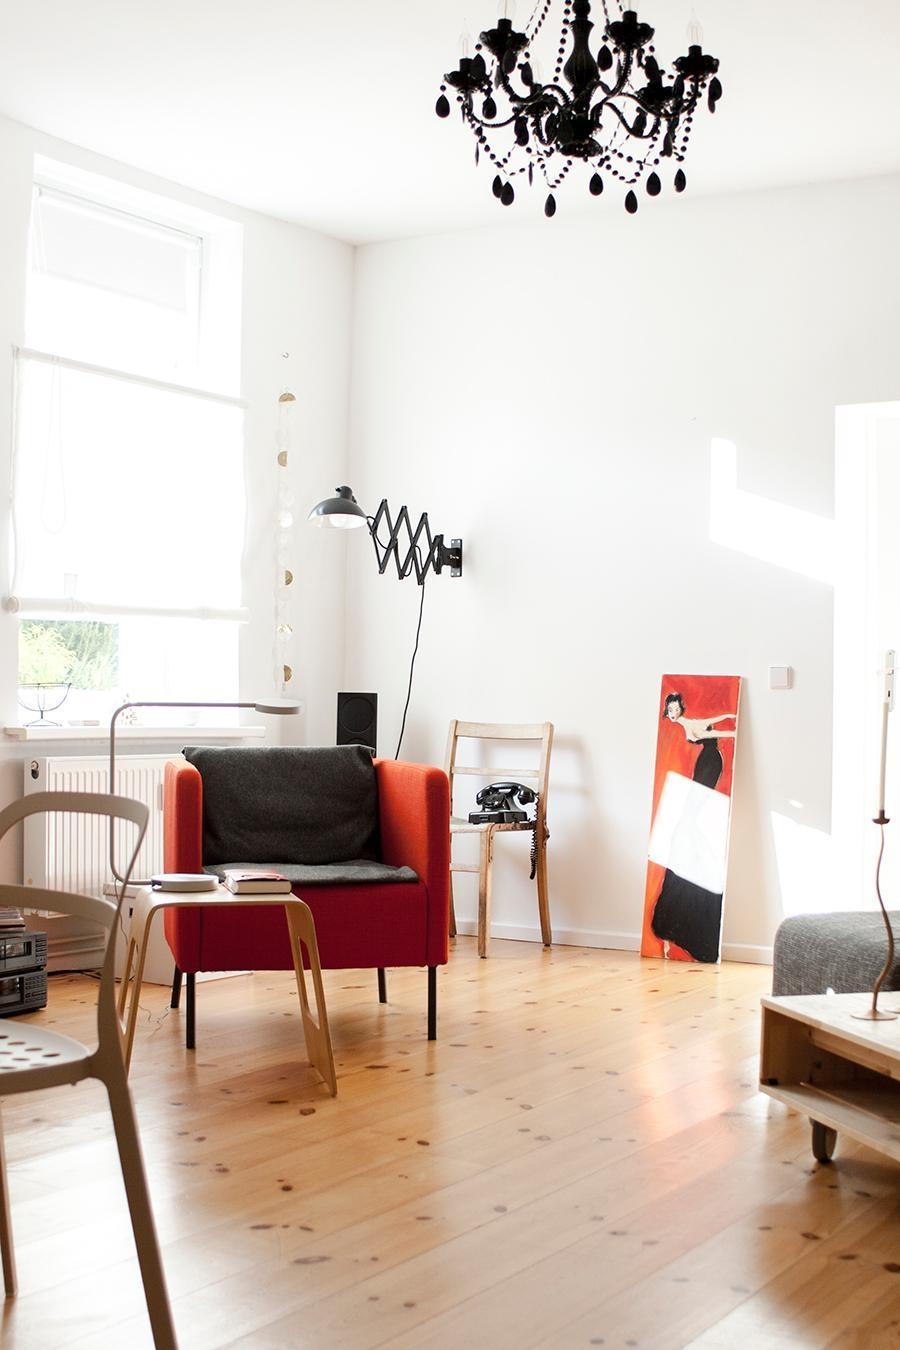 Kronleuchter inspiration und gestaltungsideen - Wohnzimmer kronleuchter ...